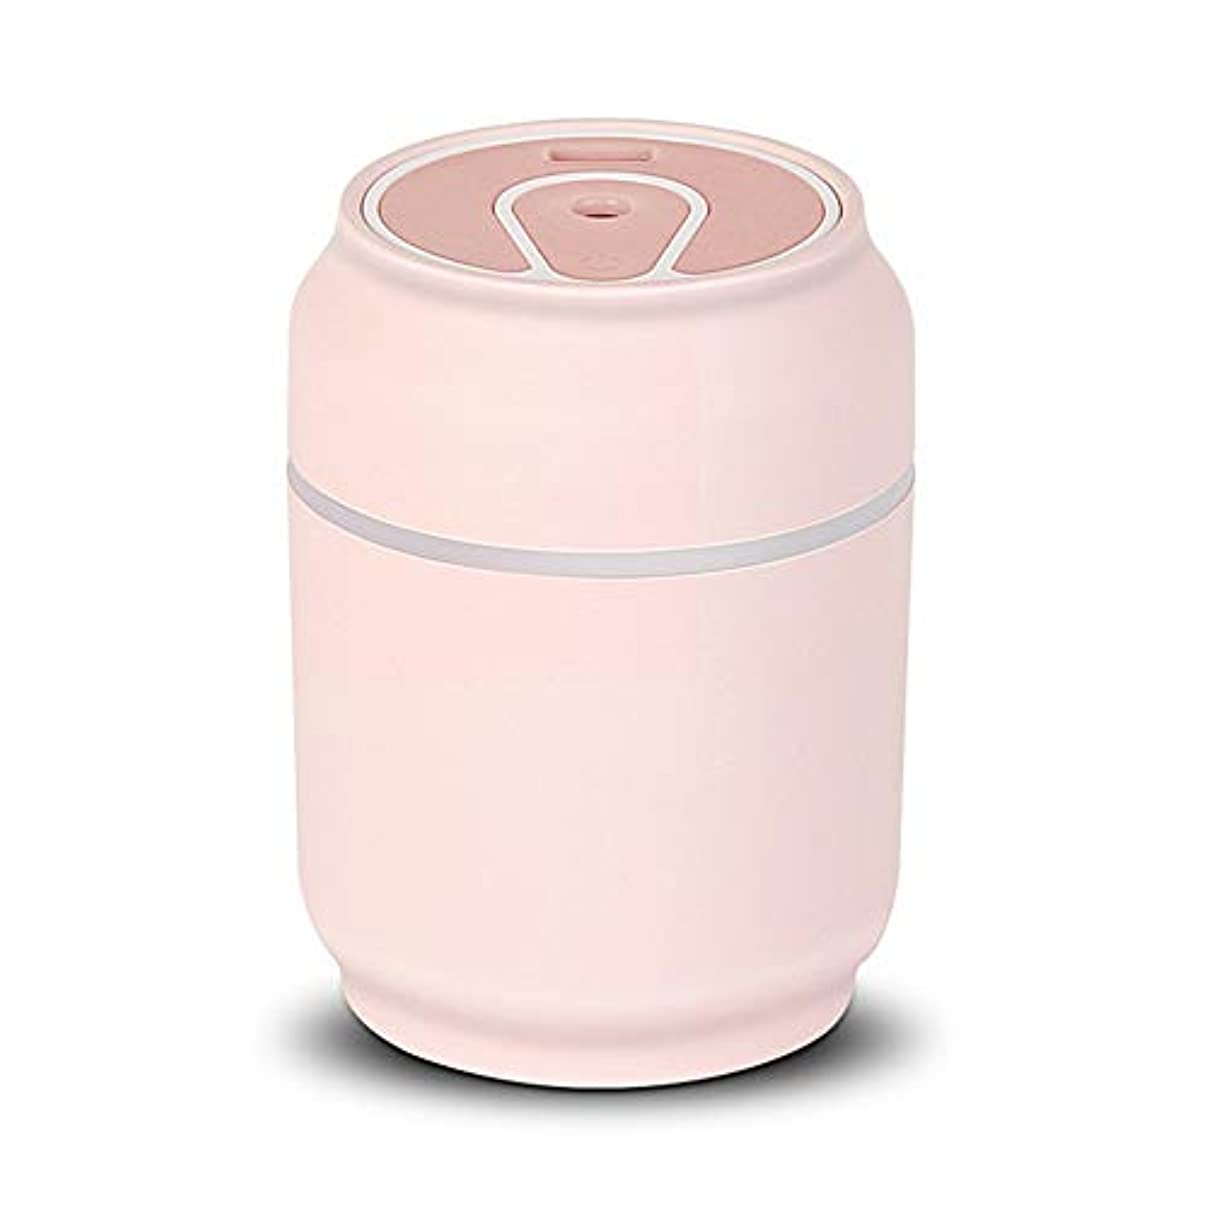 ボンド小人マルクス主義者ZXF 新しいクリエイティブ缶シェイプUSB充電加湿器ミュート漫画ミニASB素材ナイトライトファン3つ1つの水分補給器具蒸し顔黒緑ピンク黄色 滑らかである (色 : Pink)